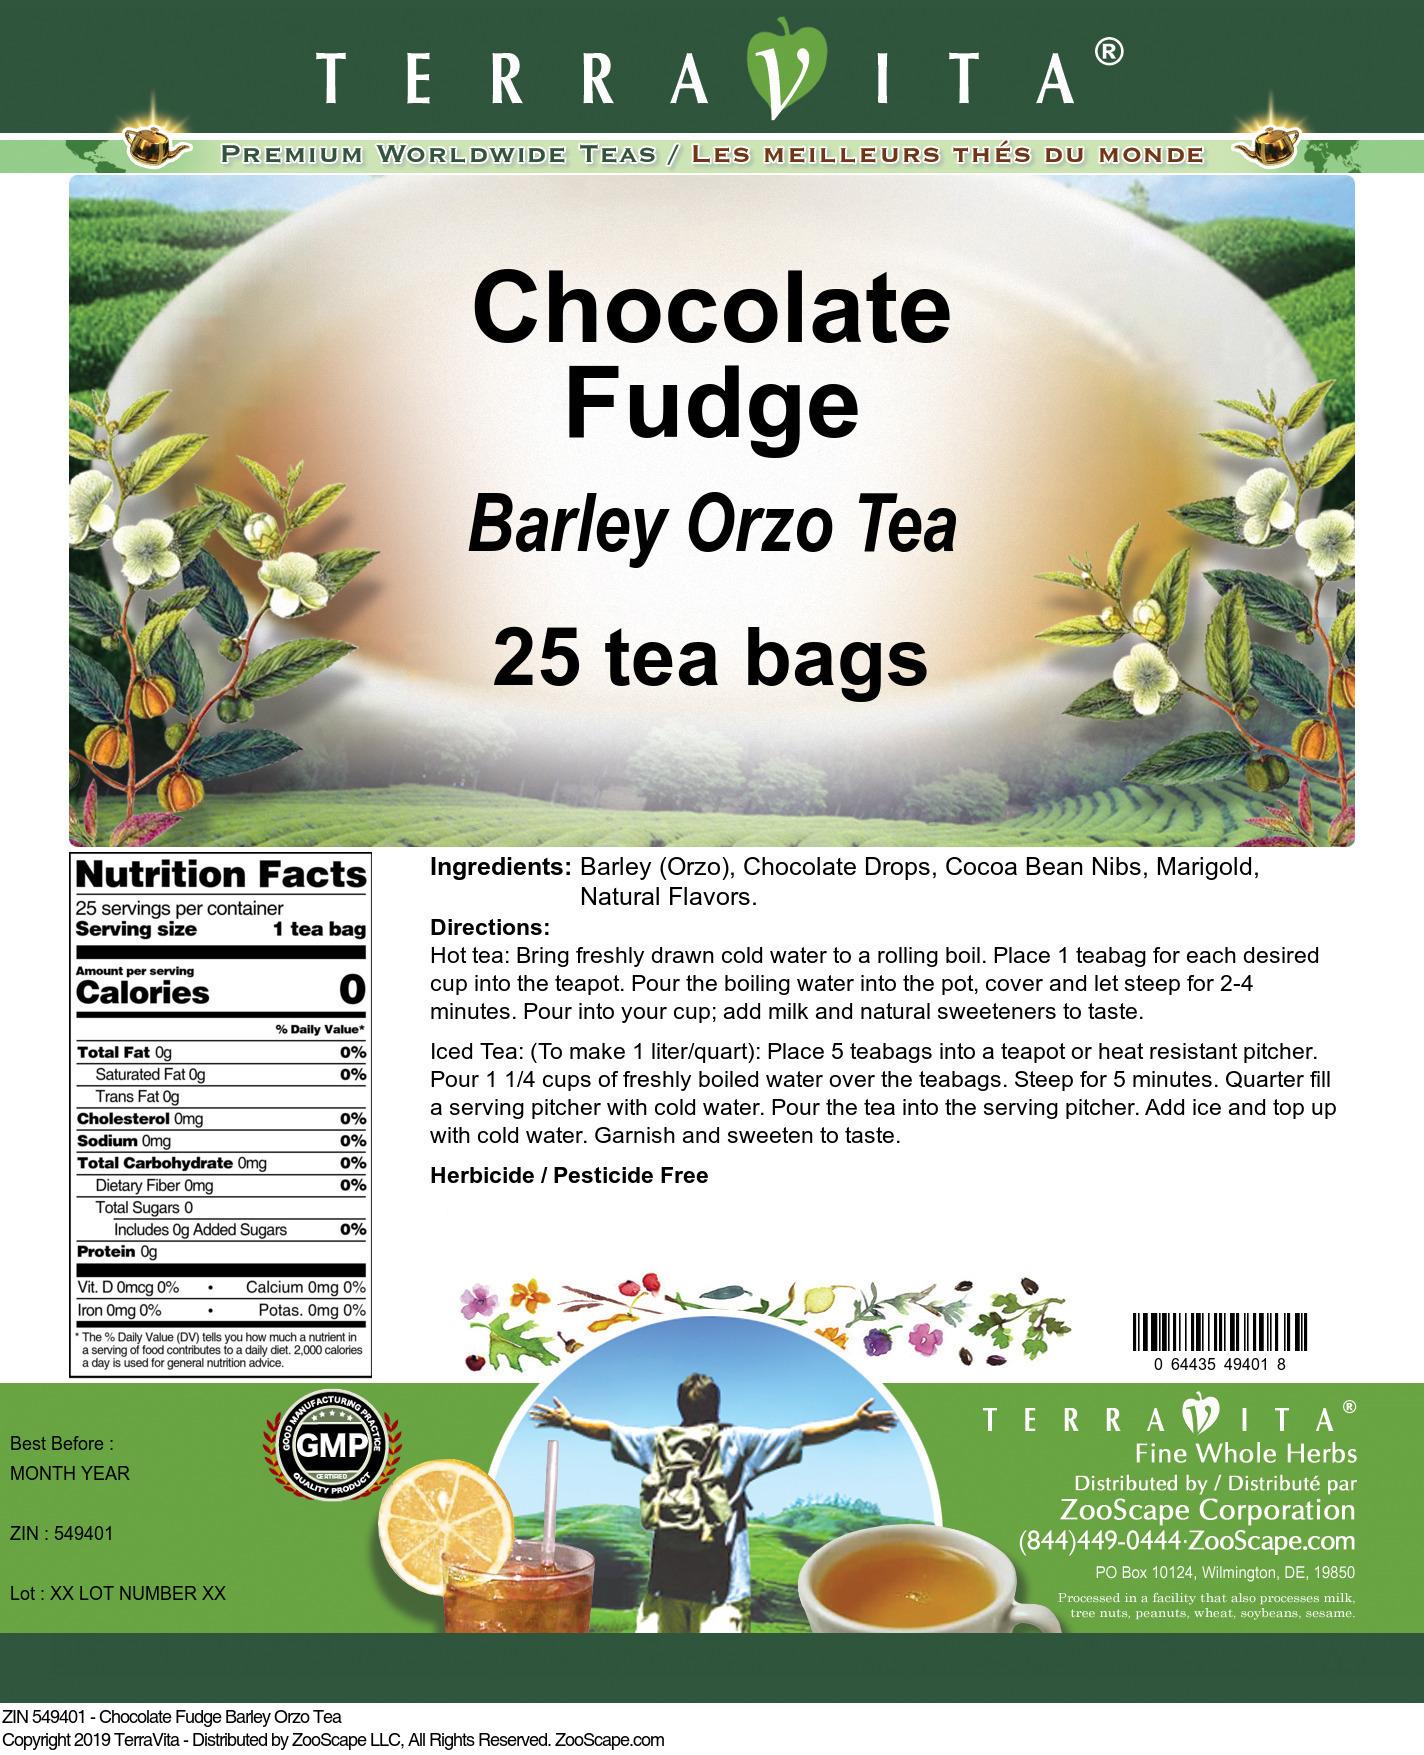 Chocolate Fudge Barley Orzo